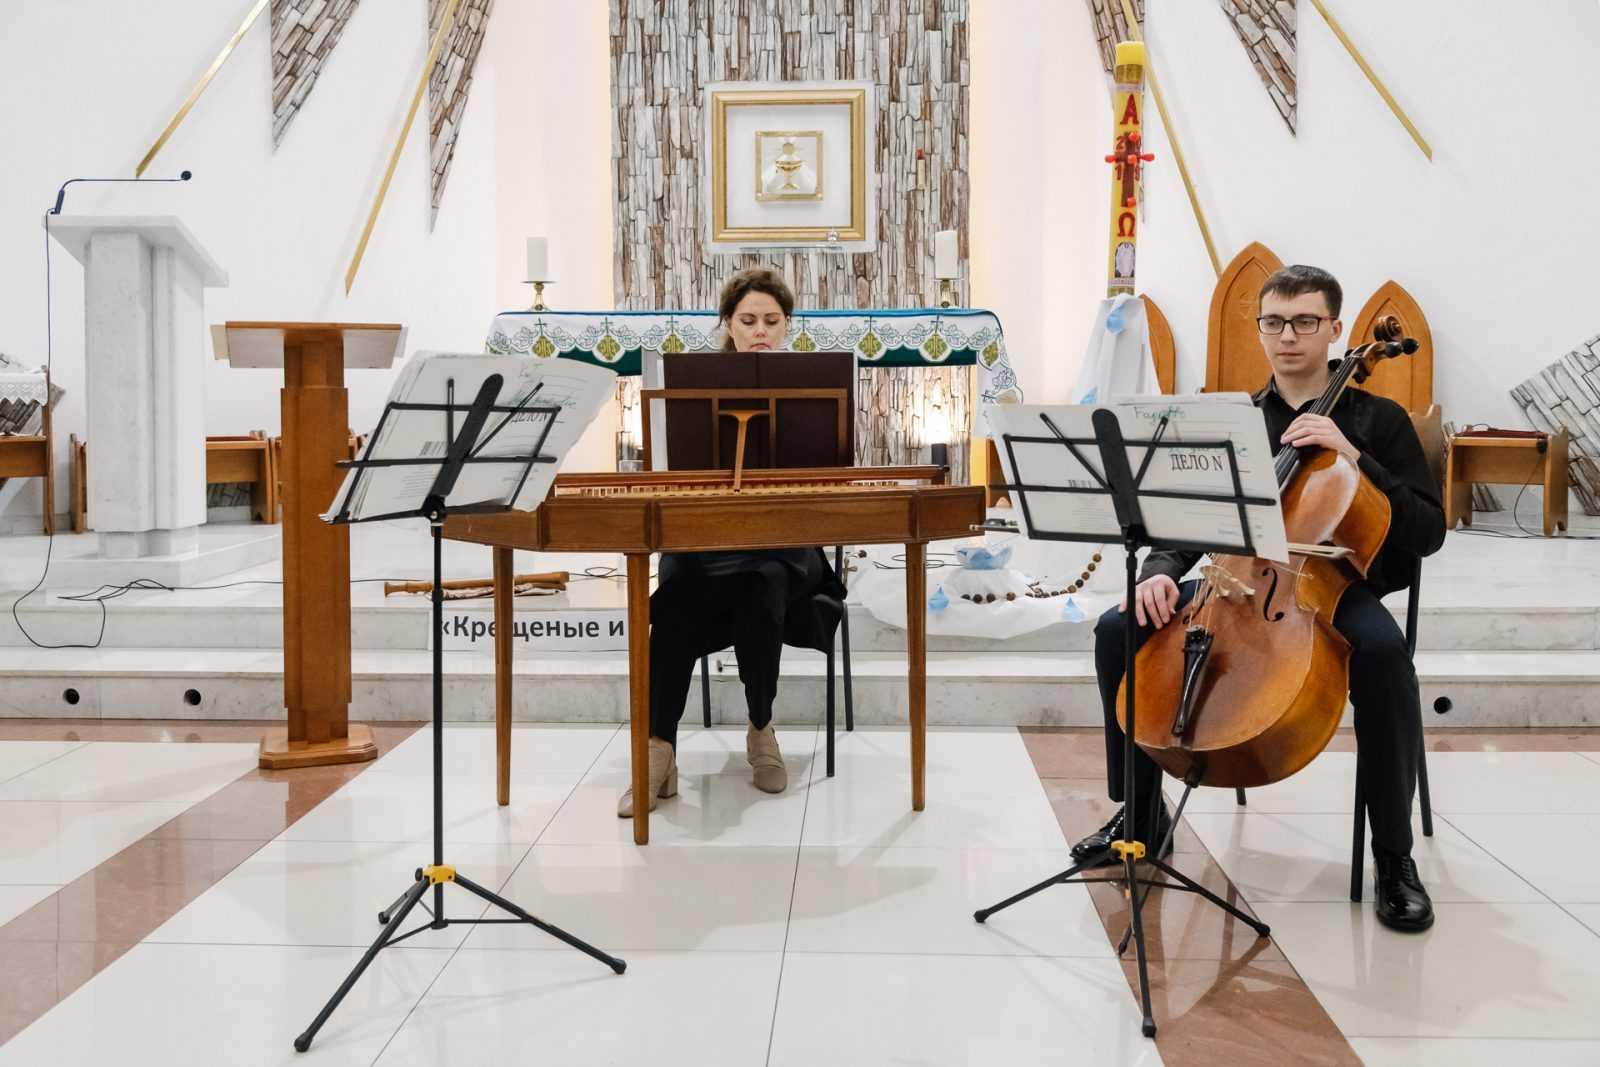 Музыка в храме КОНЦЕРТ «МАСТЕРА БАРОККО» 26.10.2019 10